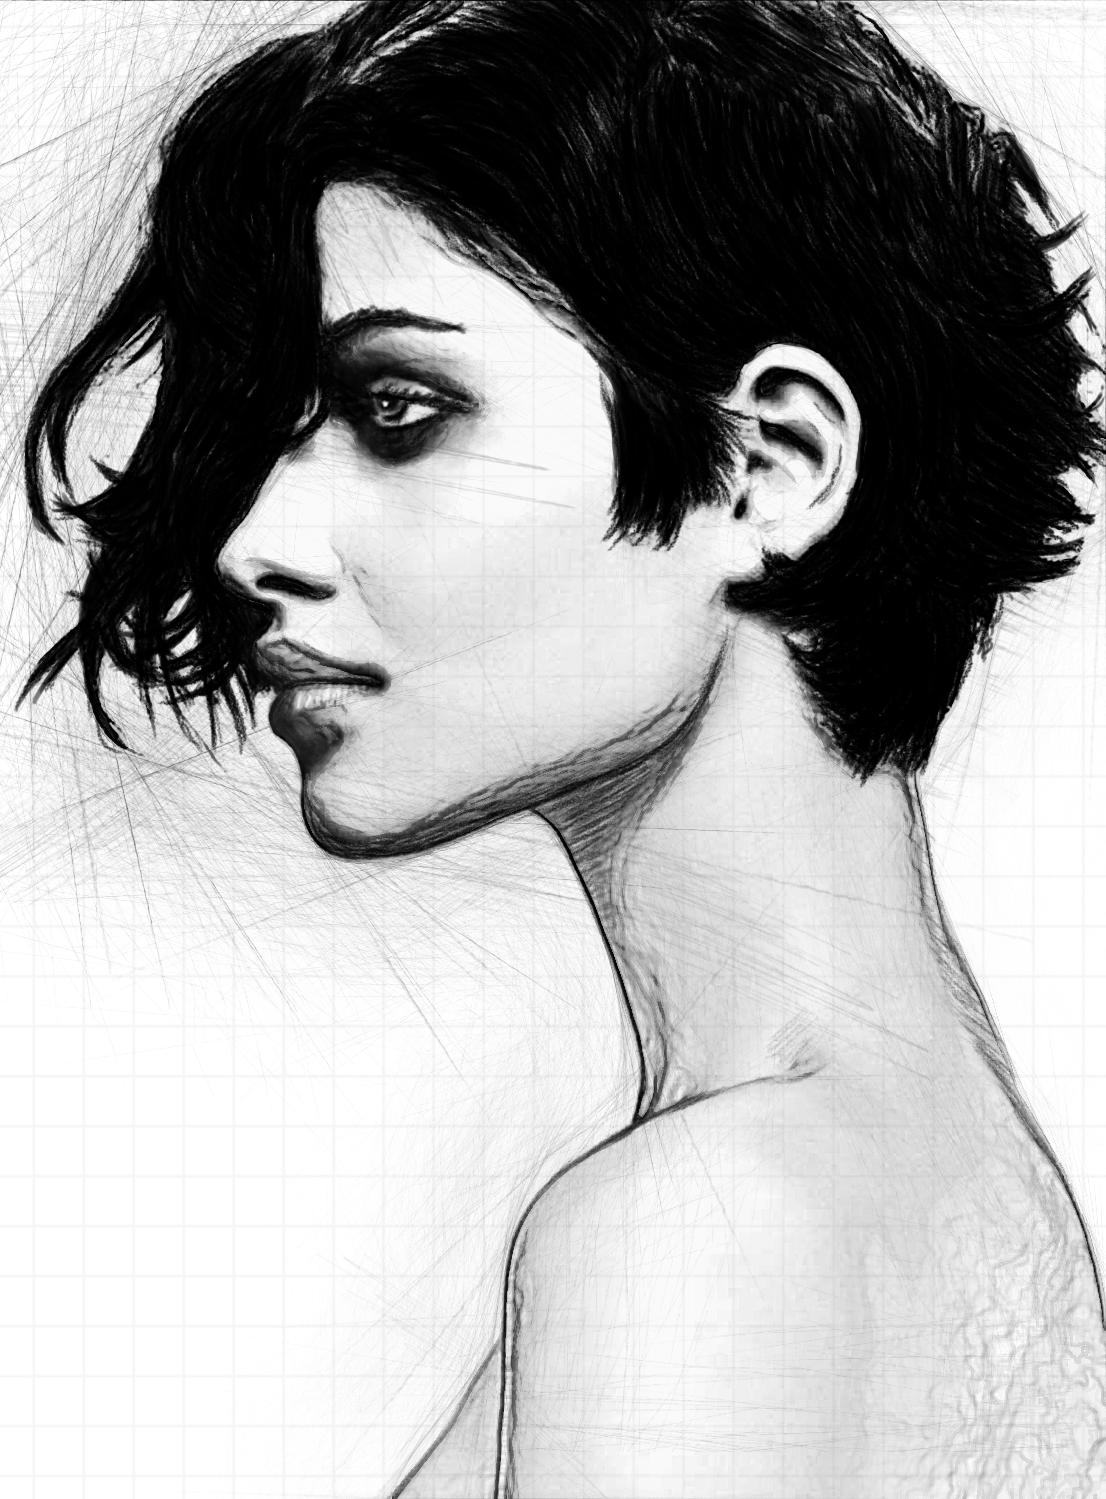 Sketch Profile - Asymmetric Hair